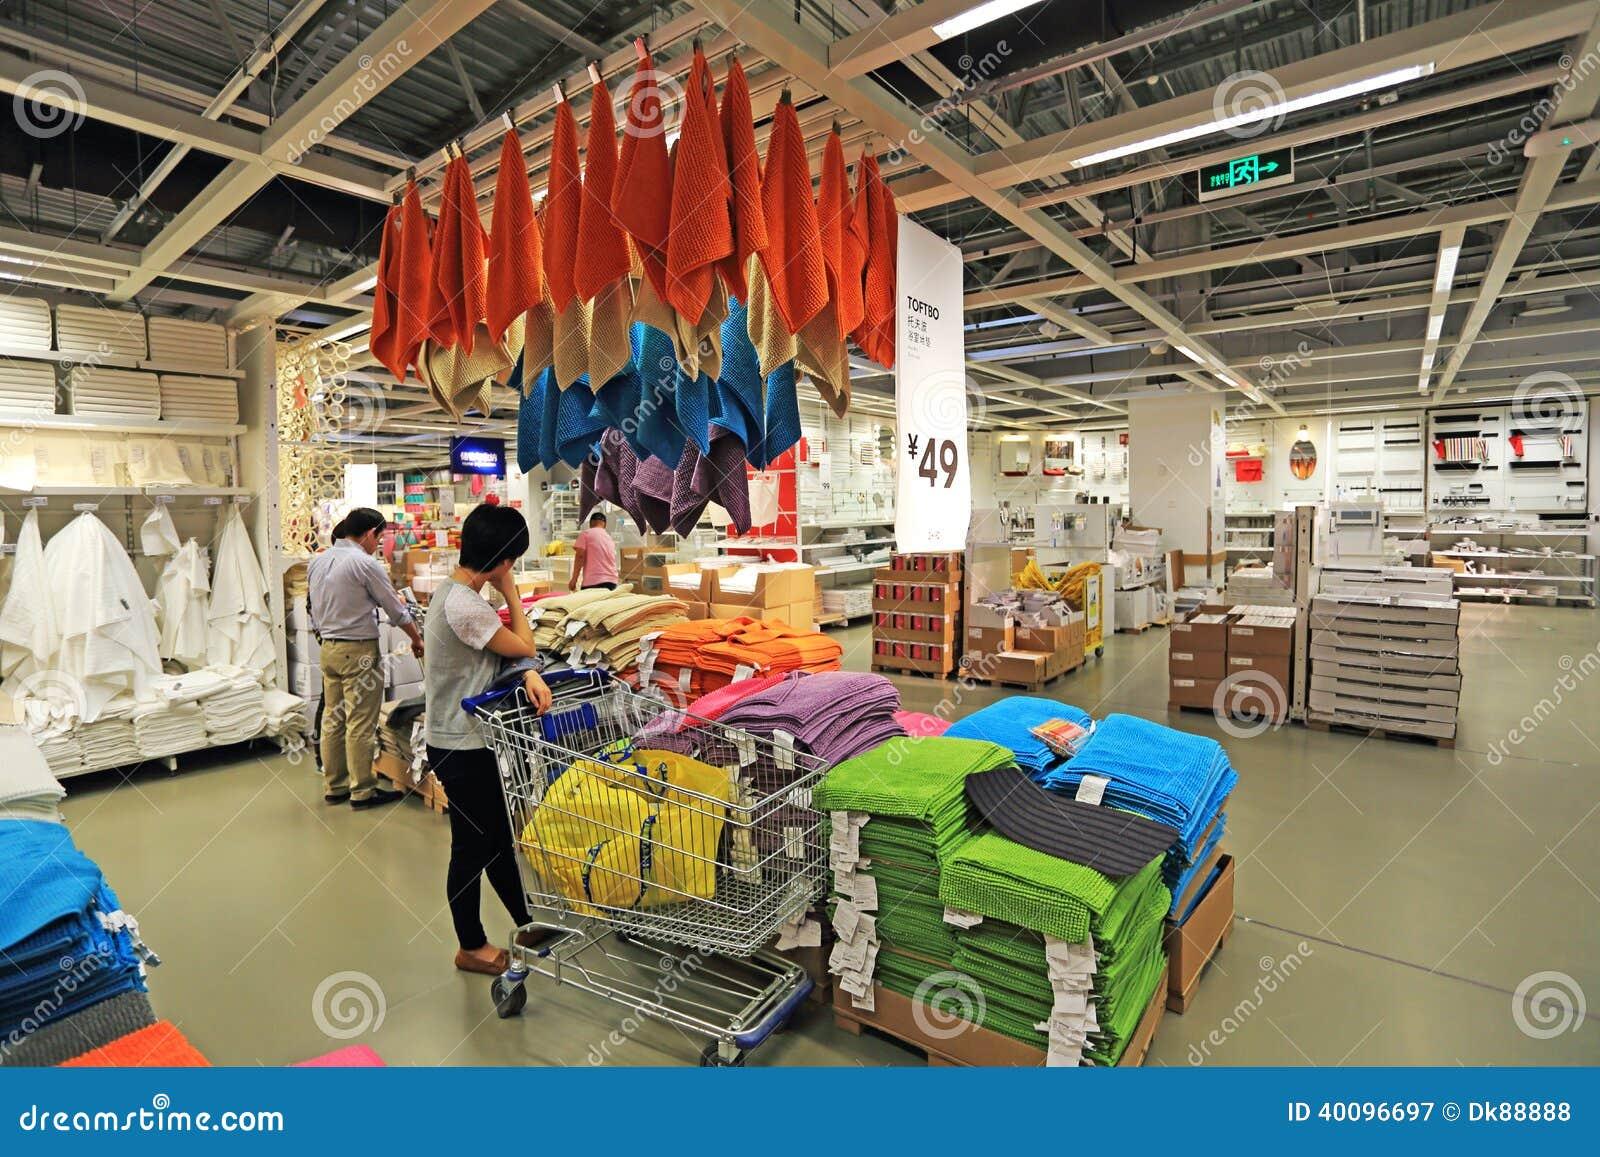 Ikea bathroom towels -